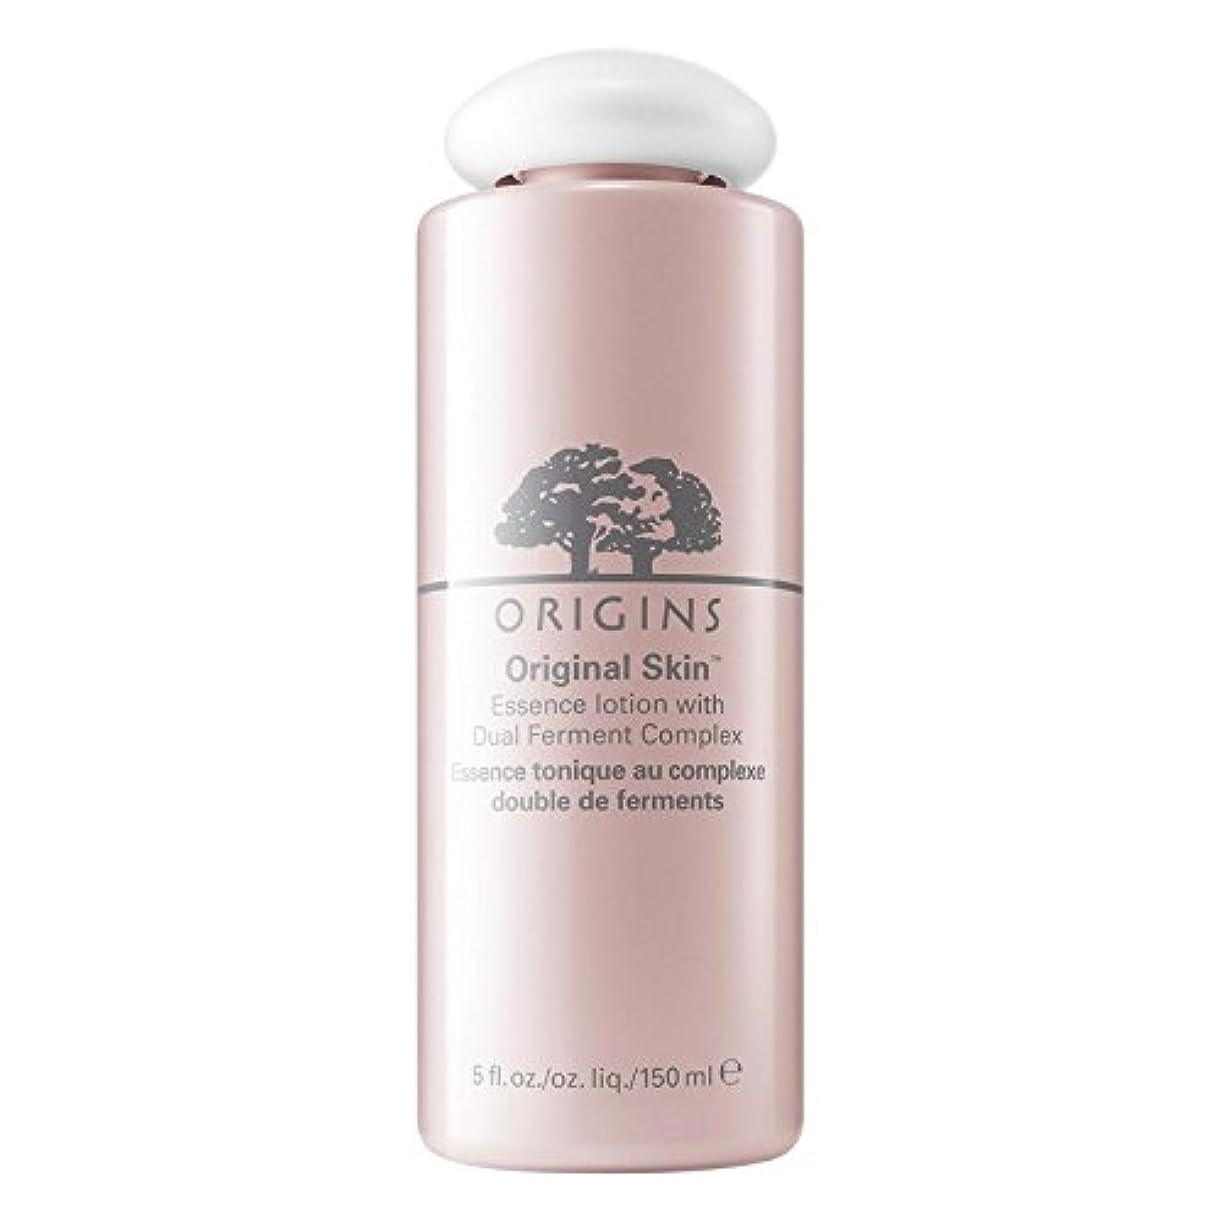 立方体突撃任意Origins Original Skin Essence Lotion 150ml (Pack of 6) - 起源オリジナルスキンエッセンスローション150 x6 [並行輸入品]